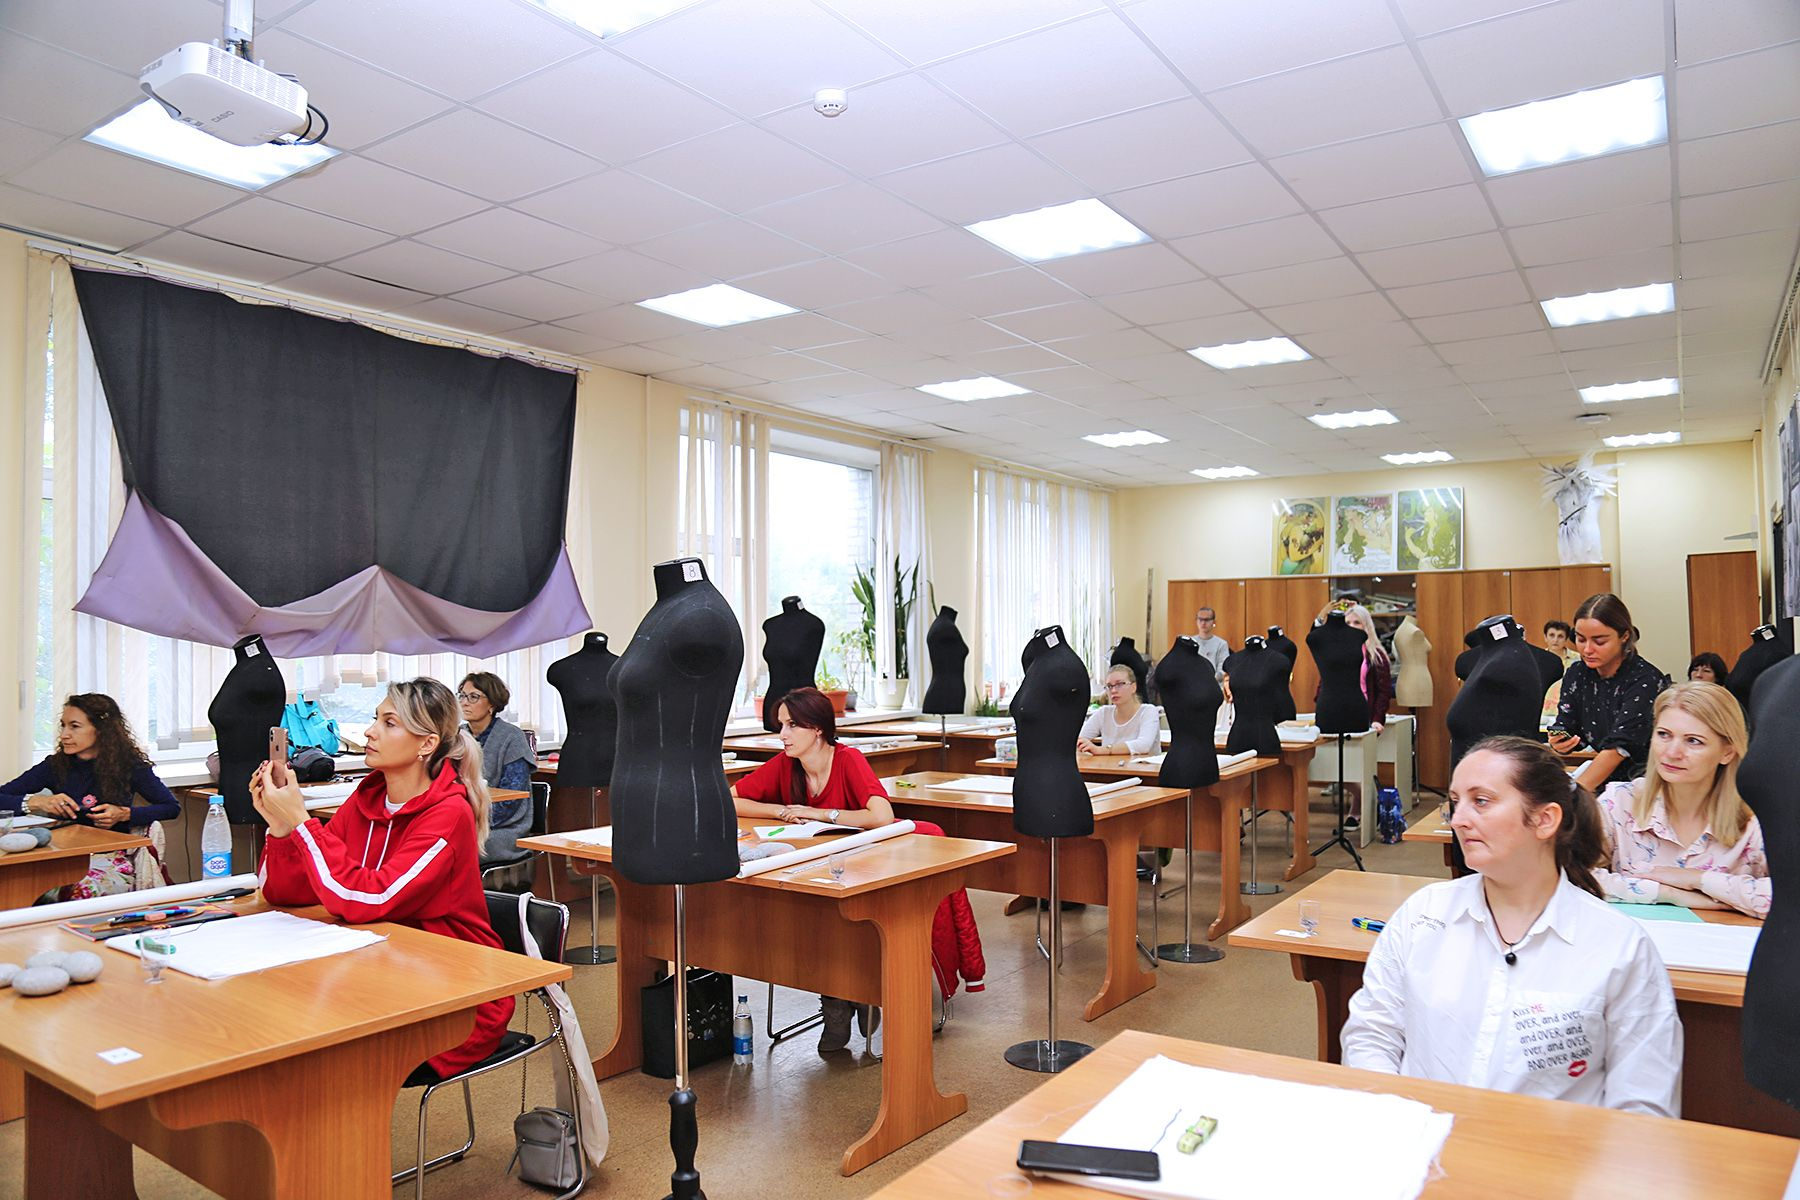 Международный интенсив по макетированию одежды в Институте сервиса, моды и дизайна ВГУЭС открылся мастер-классом профессора Института моды города Осака (Япония), г-жи Ямамото